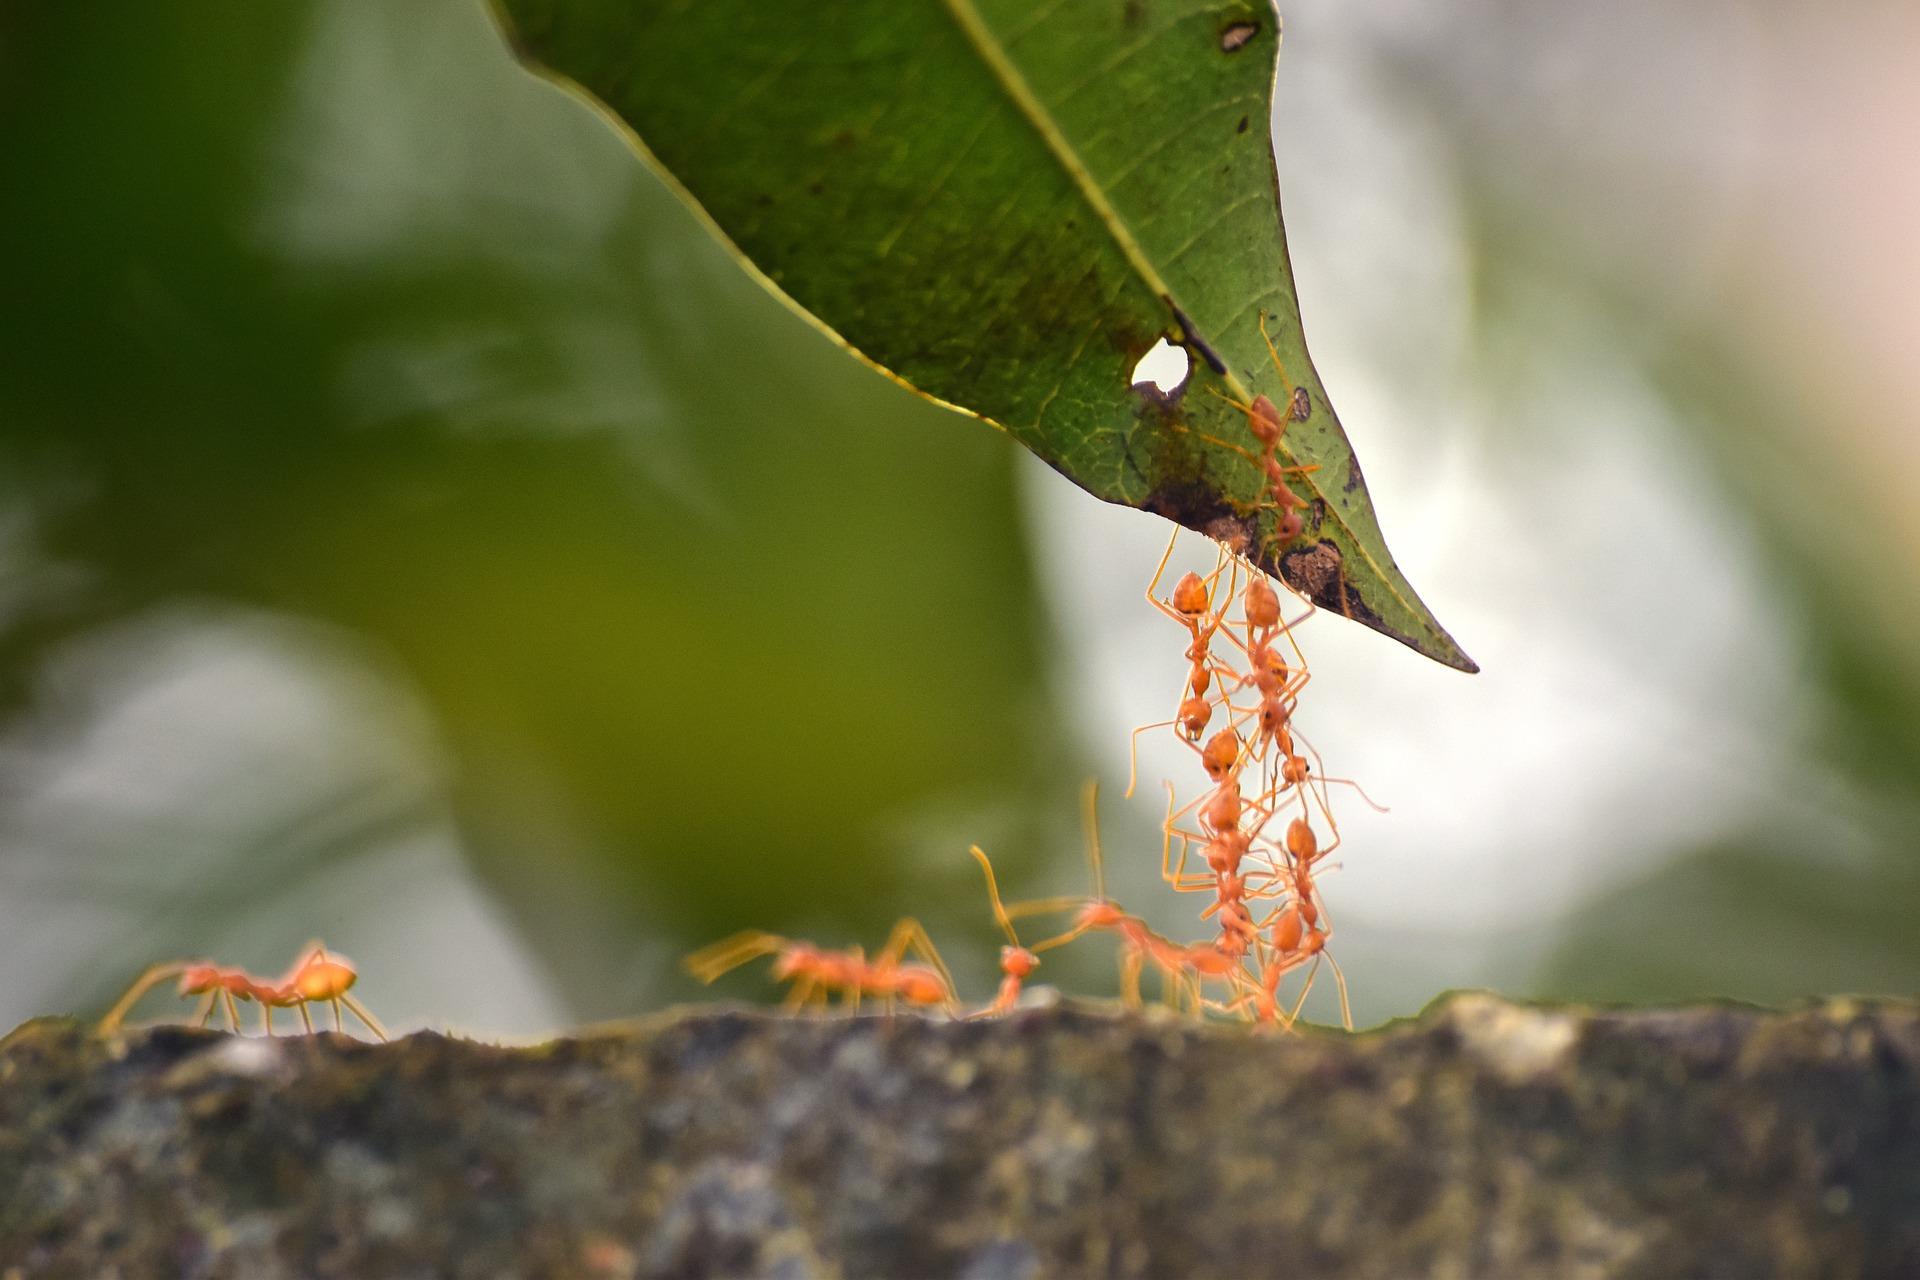 Ameisen, die gemeinsam eine Brücke bauen